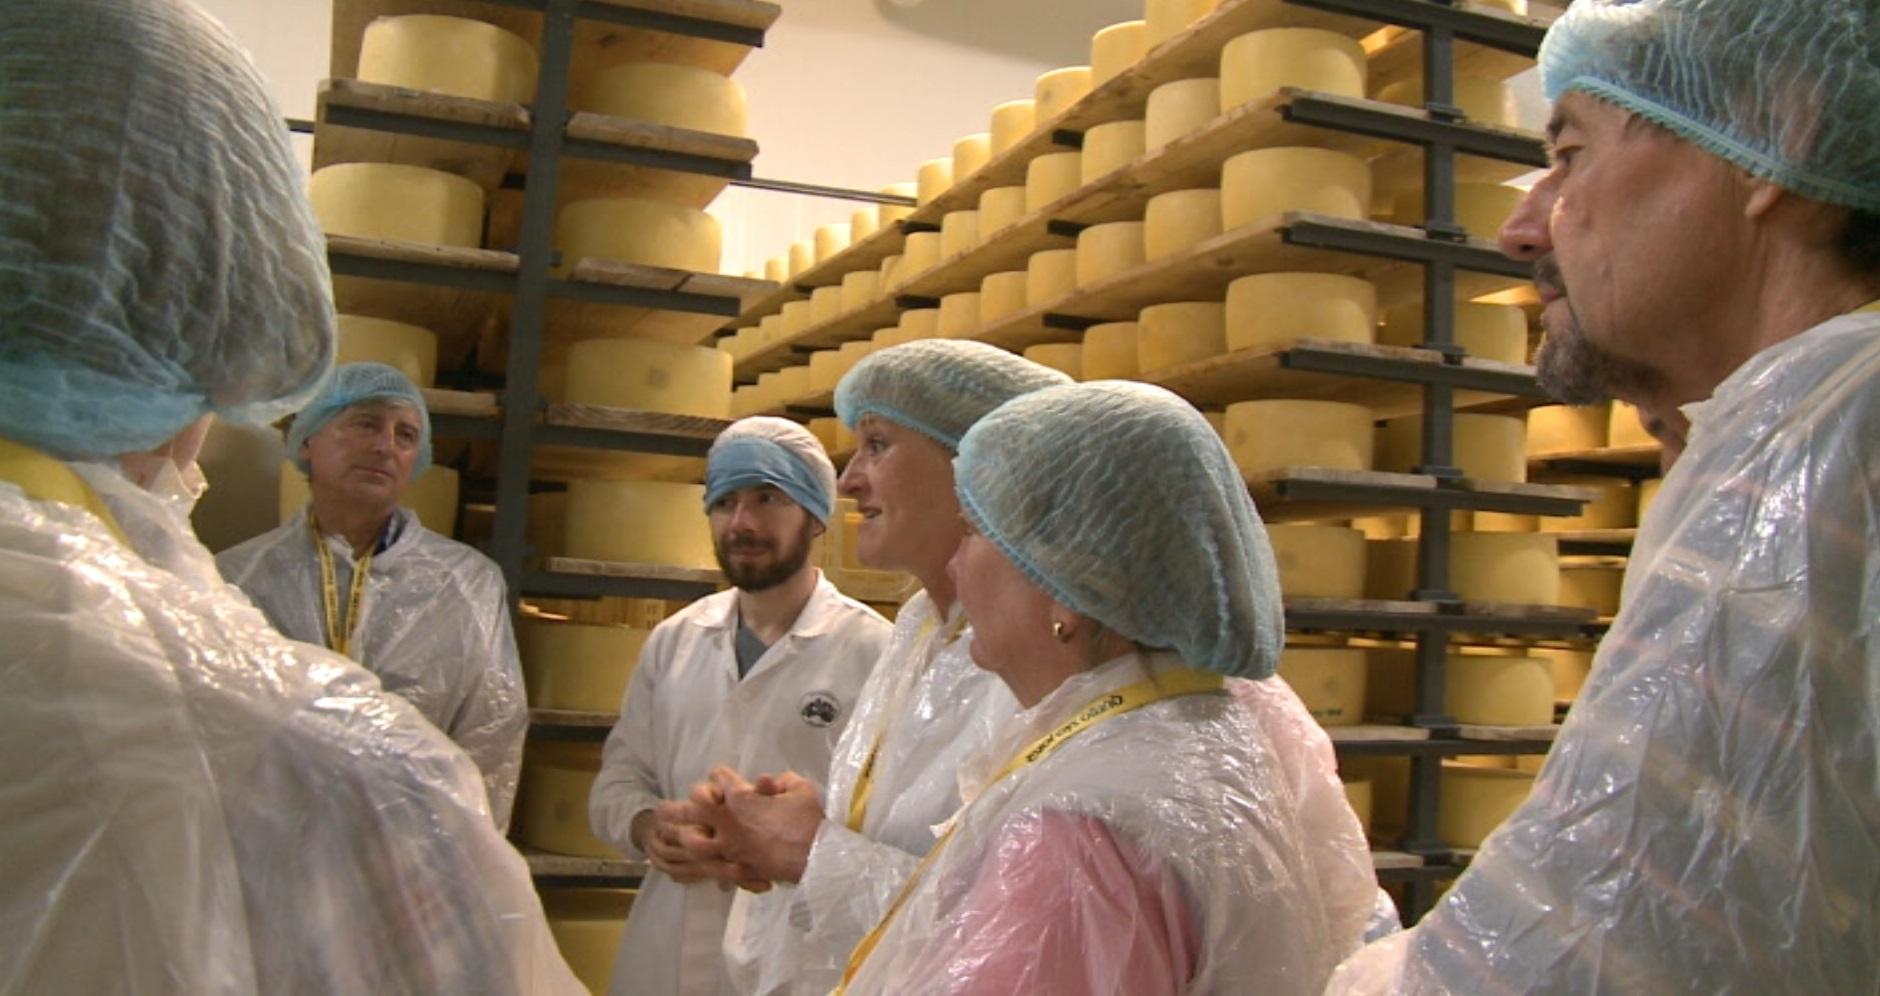 Turistas fascinados com a magia e o sabor do queijo de São Jorge depois de visitarem a Uniqueijo (c/áudio)